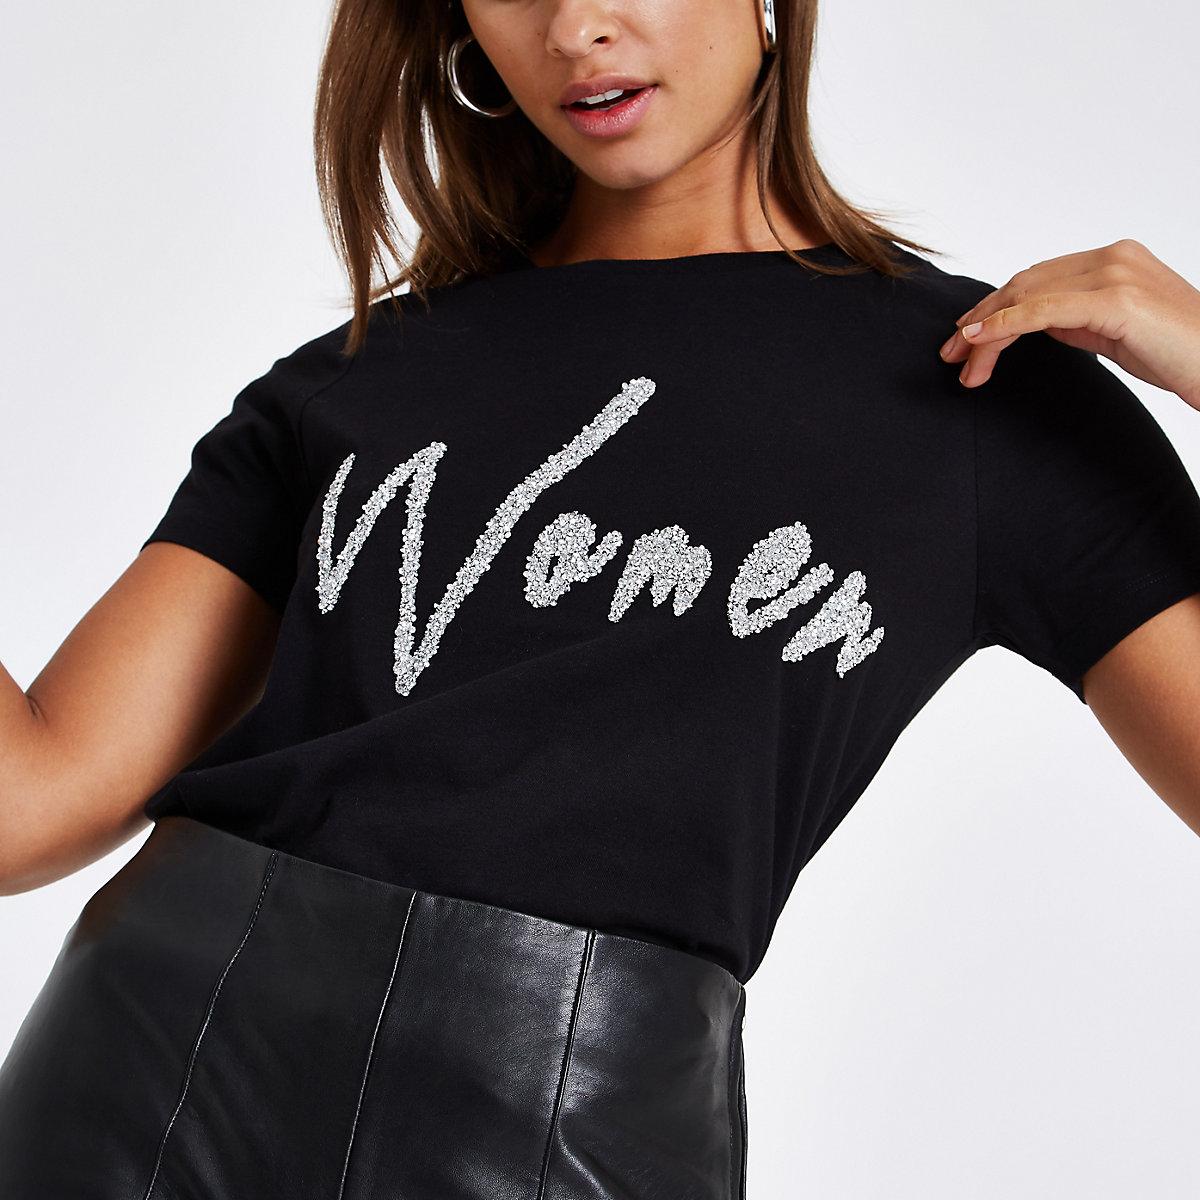 Zwart verfraaid T-shirt met 'women'-print en diamantjes